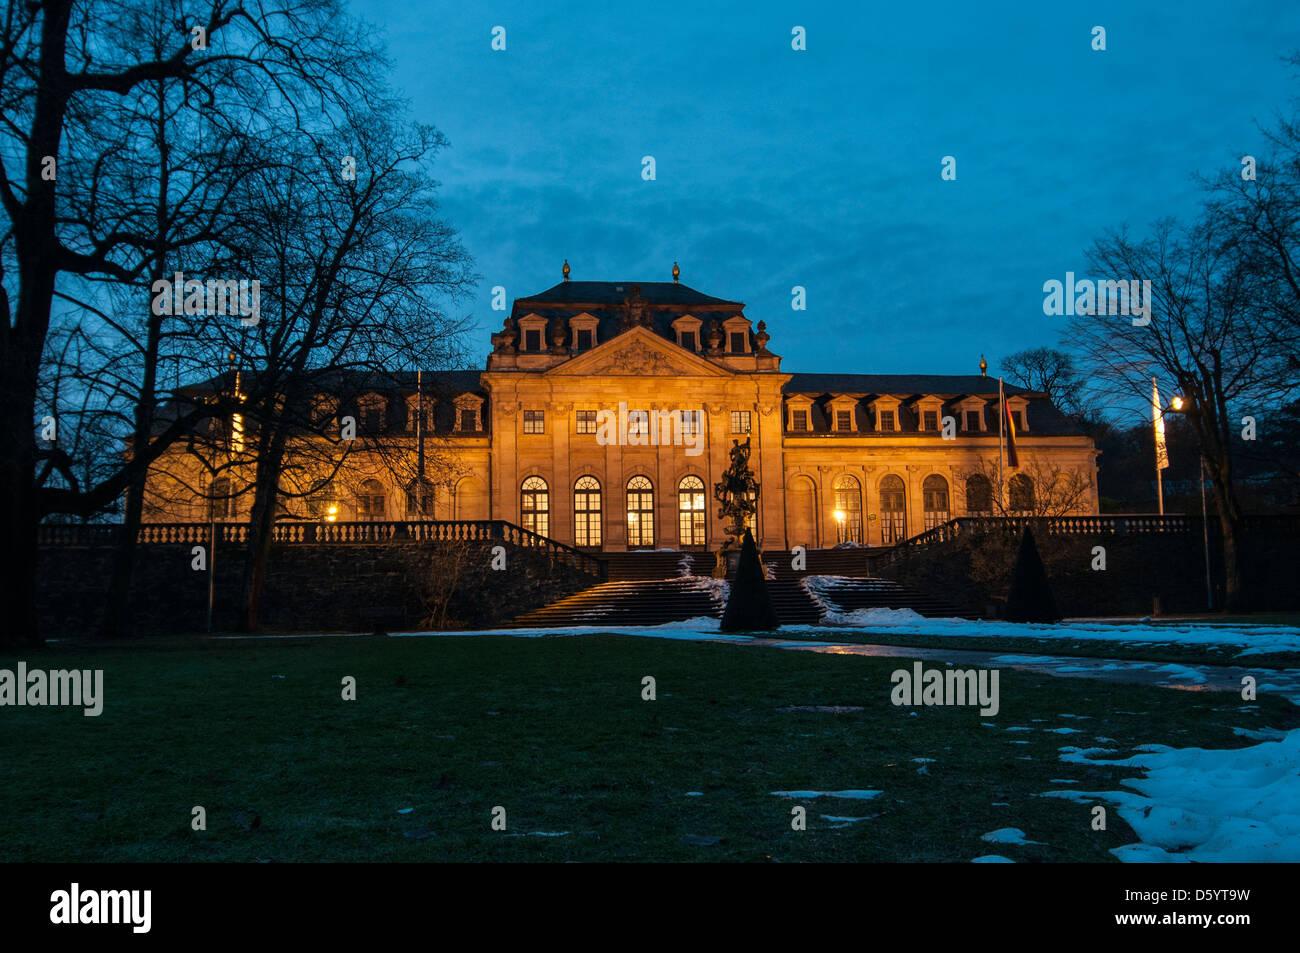 Orangerie und Floravase in der blauen Stunde im Winter, Fulda, Hesse Germany - Stock Image